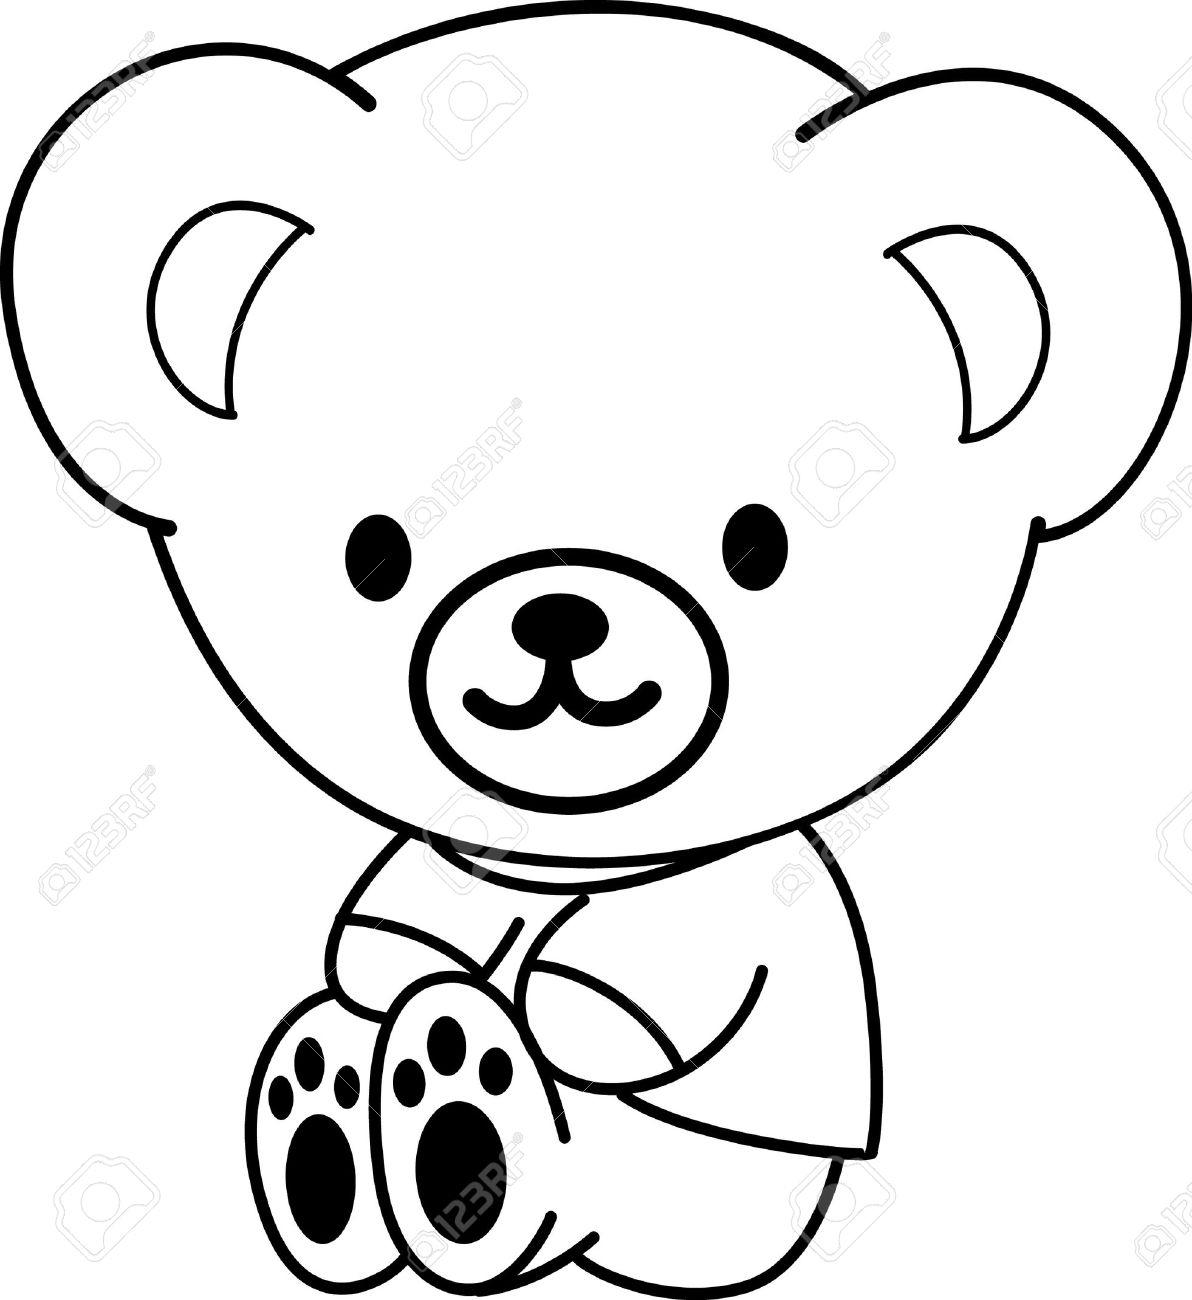 1192x1300 Cartoon Drawings Of Bears Teddy Bear Outline Clipart 505319